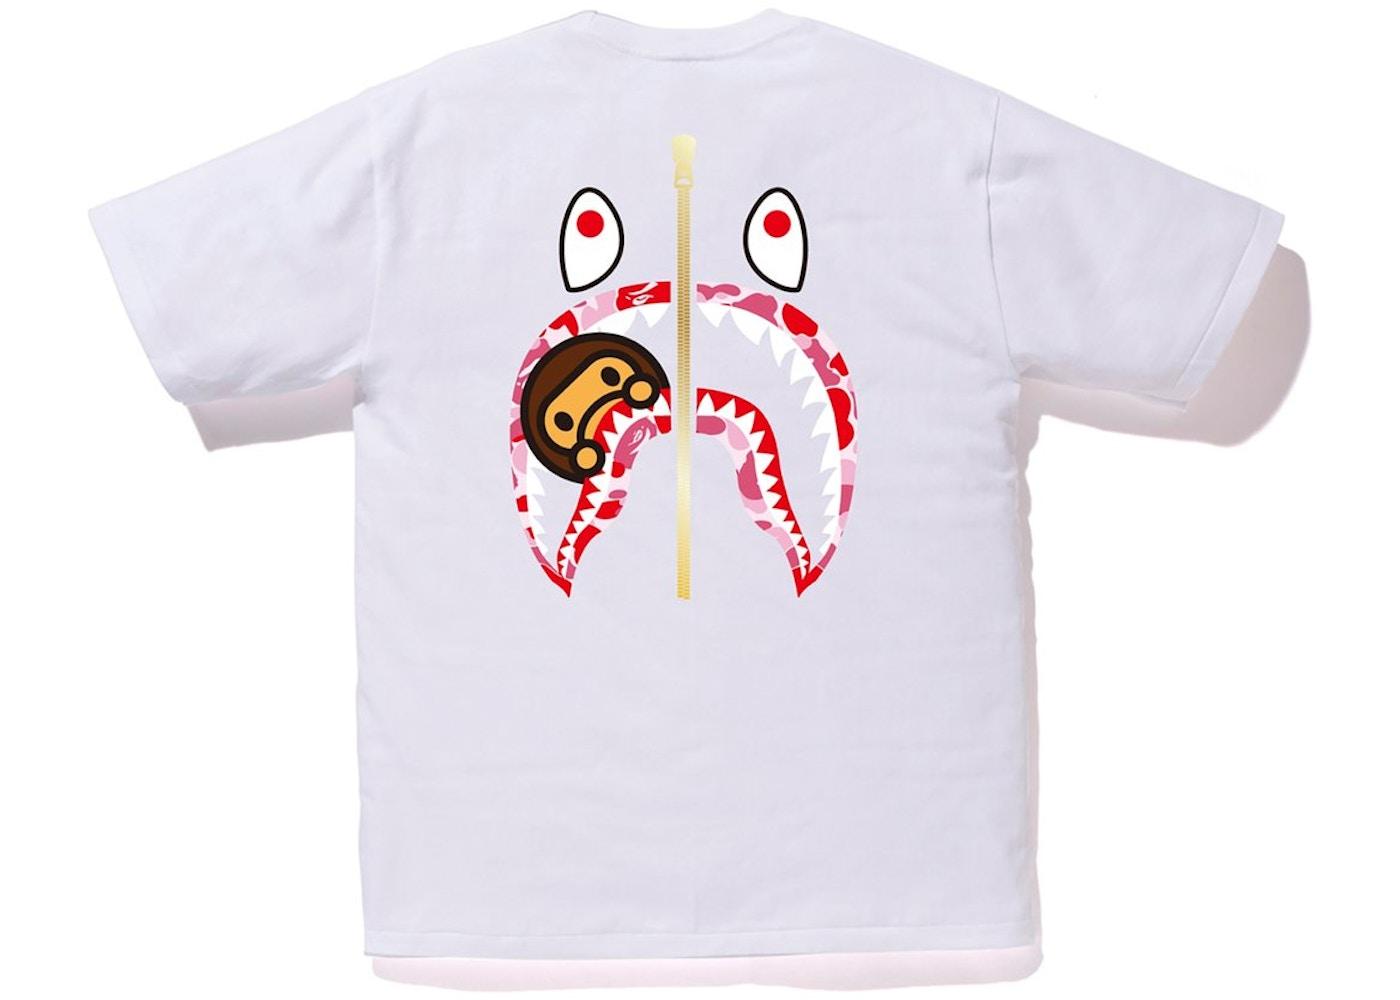 e0e75ebb Bape T-Shirts - Buy & Sell Streetwear